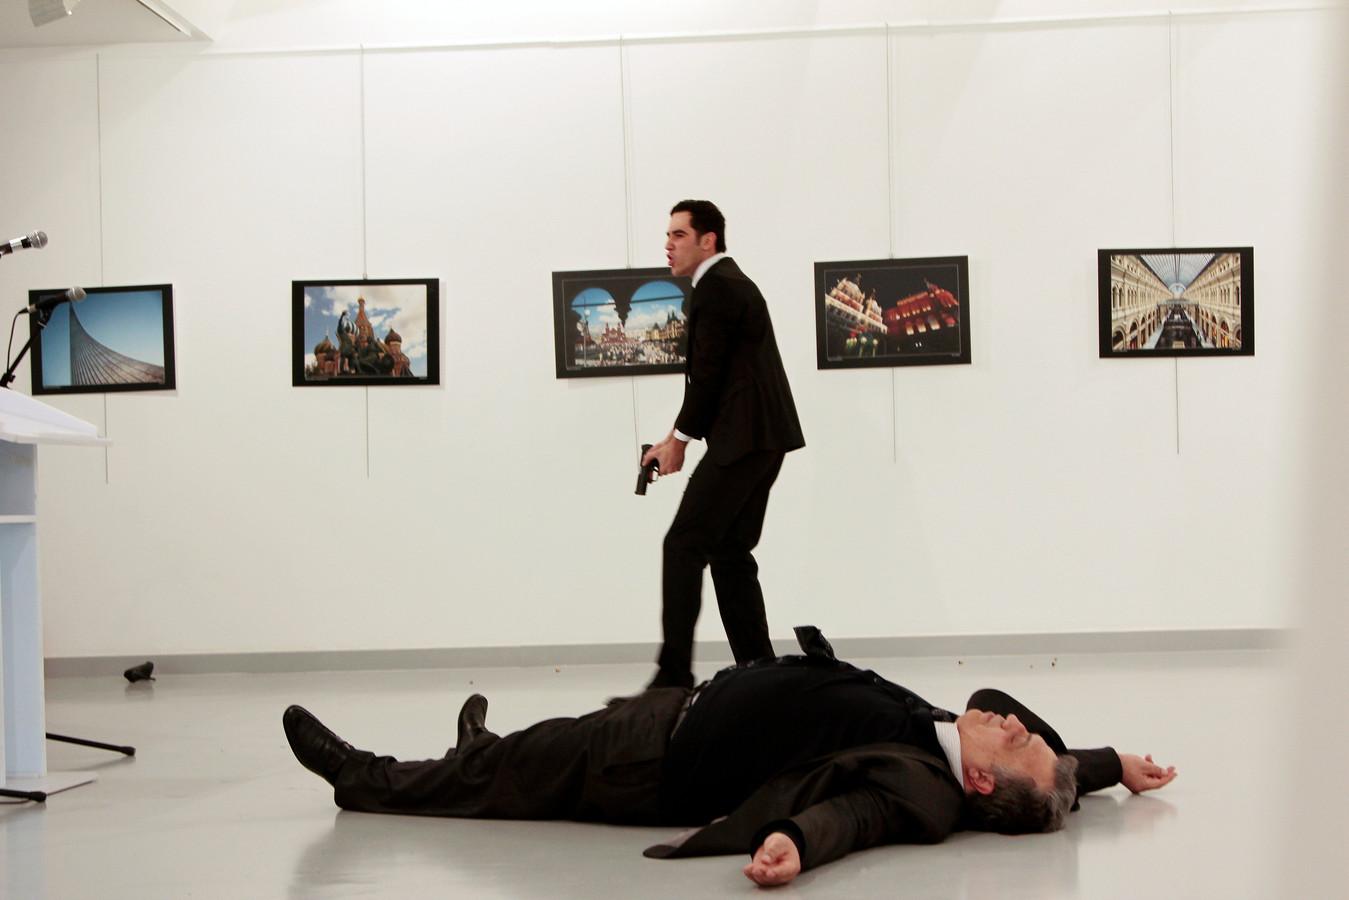 Mert Altintas maakte op 19 december 2016 met negen kogels een einde aan het leven van de Russische ambassadeur Andrej Karlov.